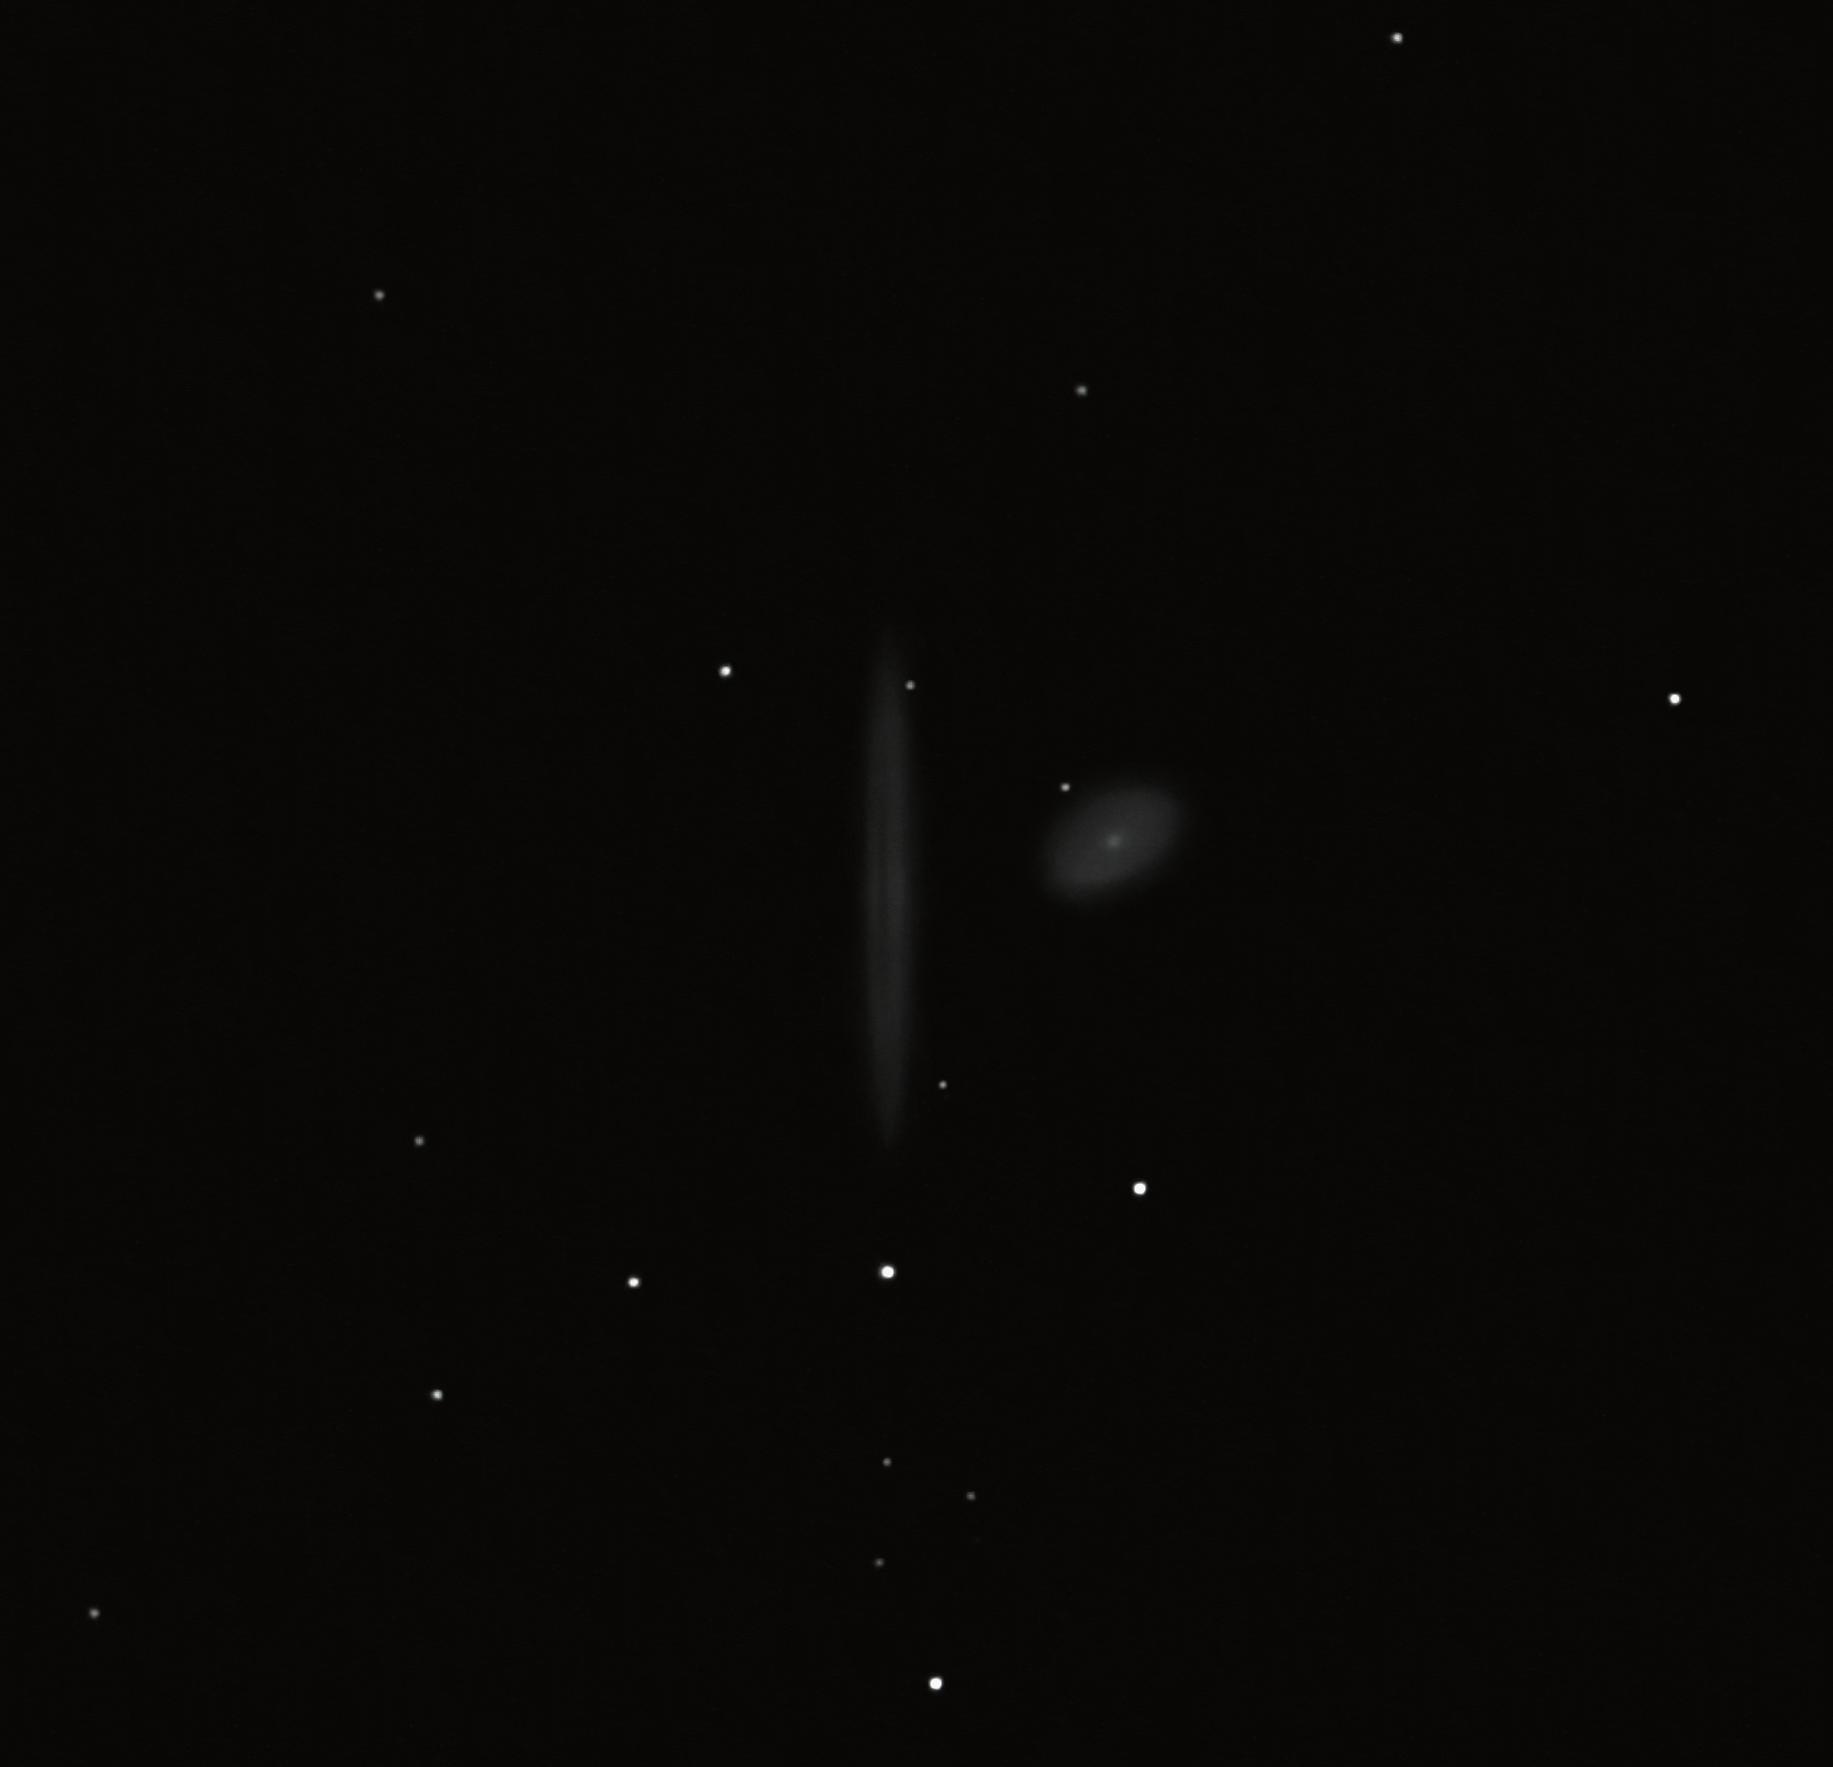 ngc4298 - 4302 galaxies